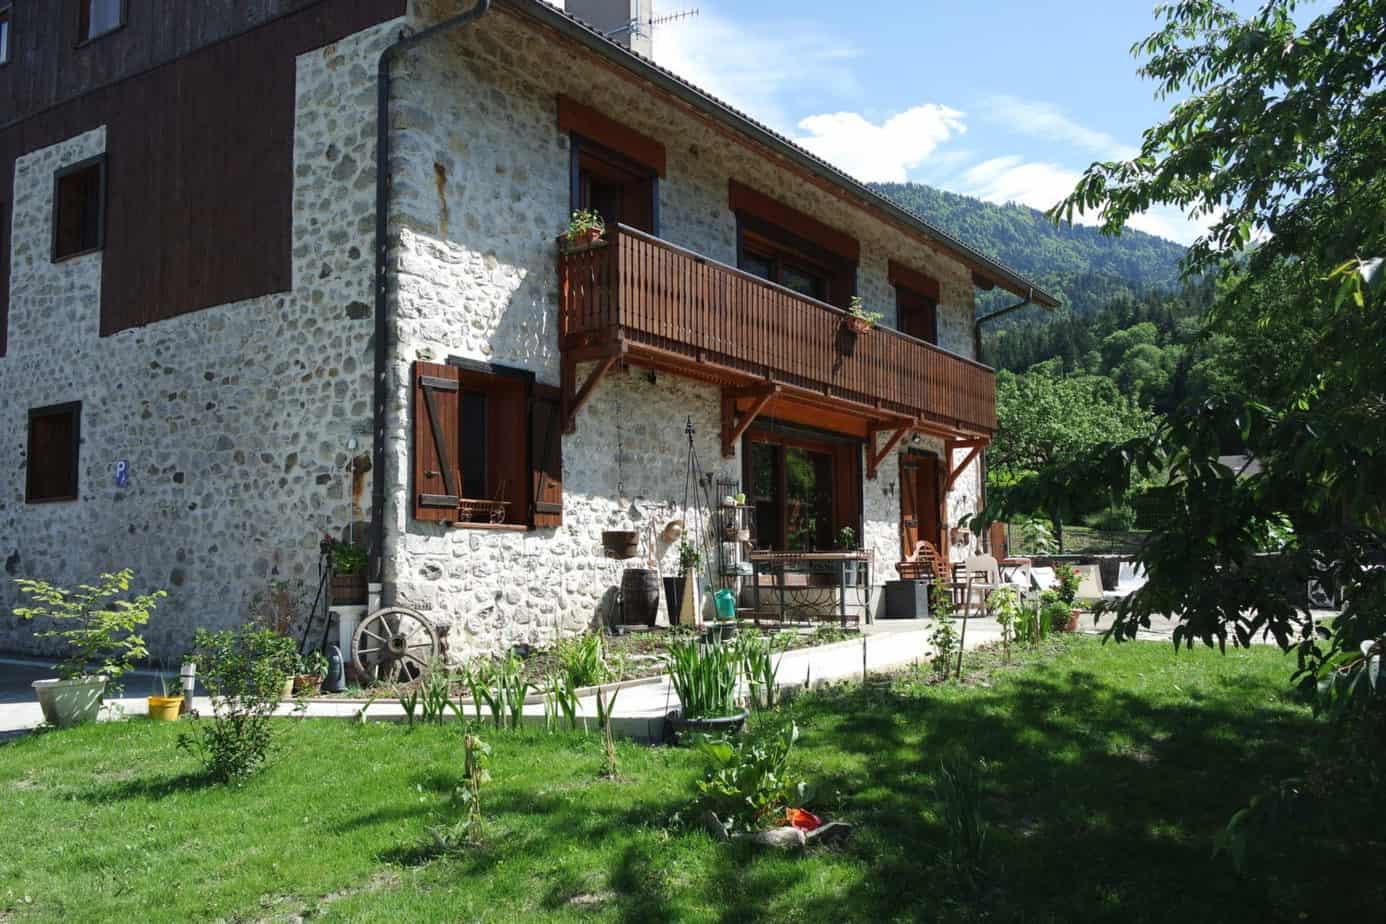 Au gite chapô Julô, la terrasse est ombragée et offre un endroit calme et apaisant